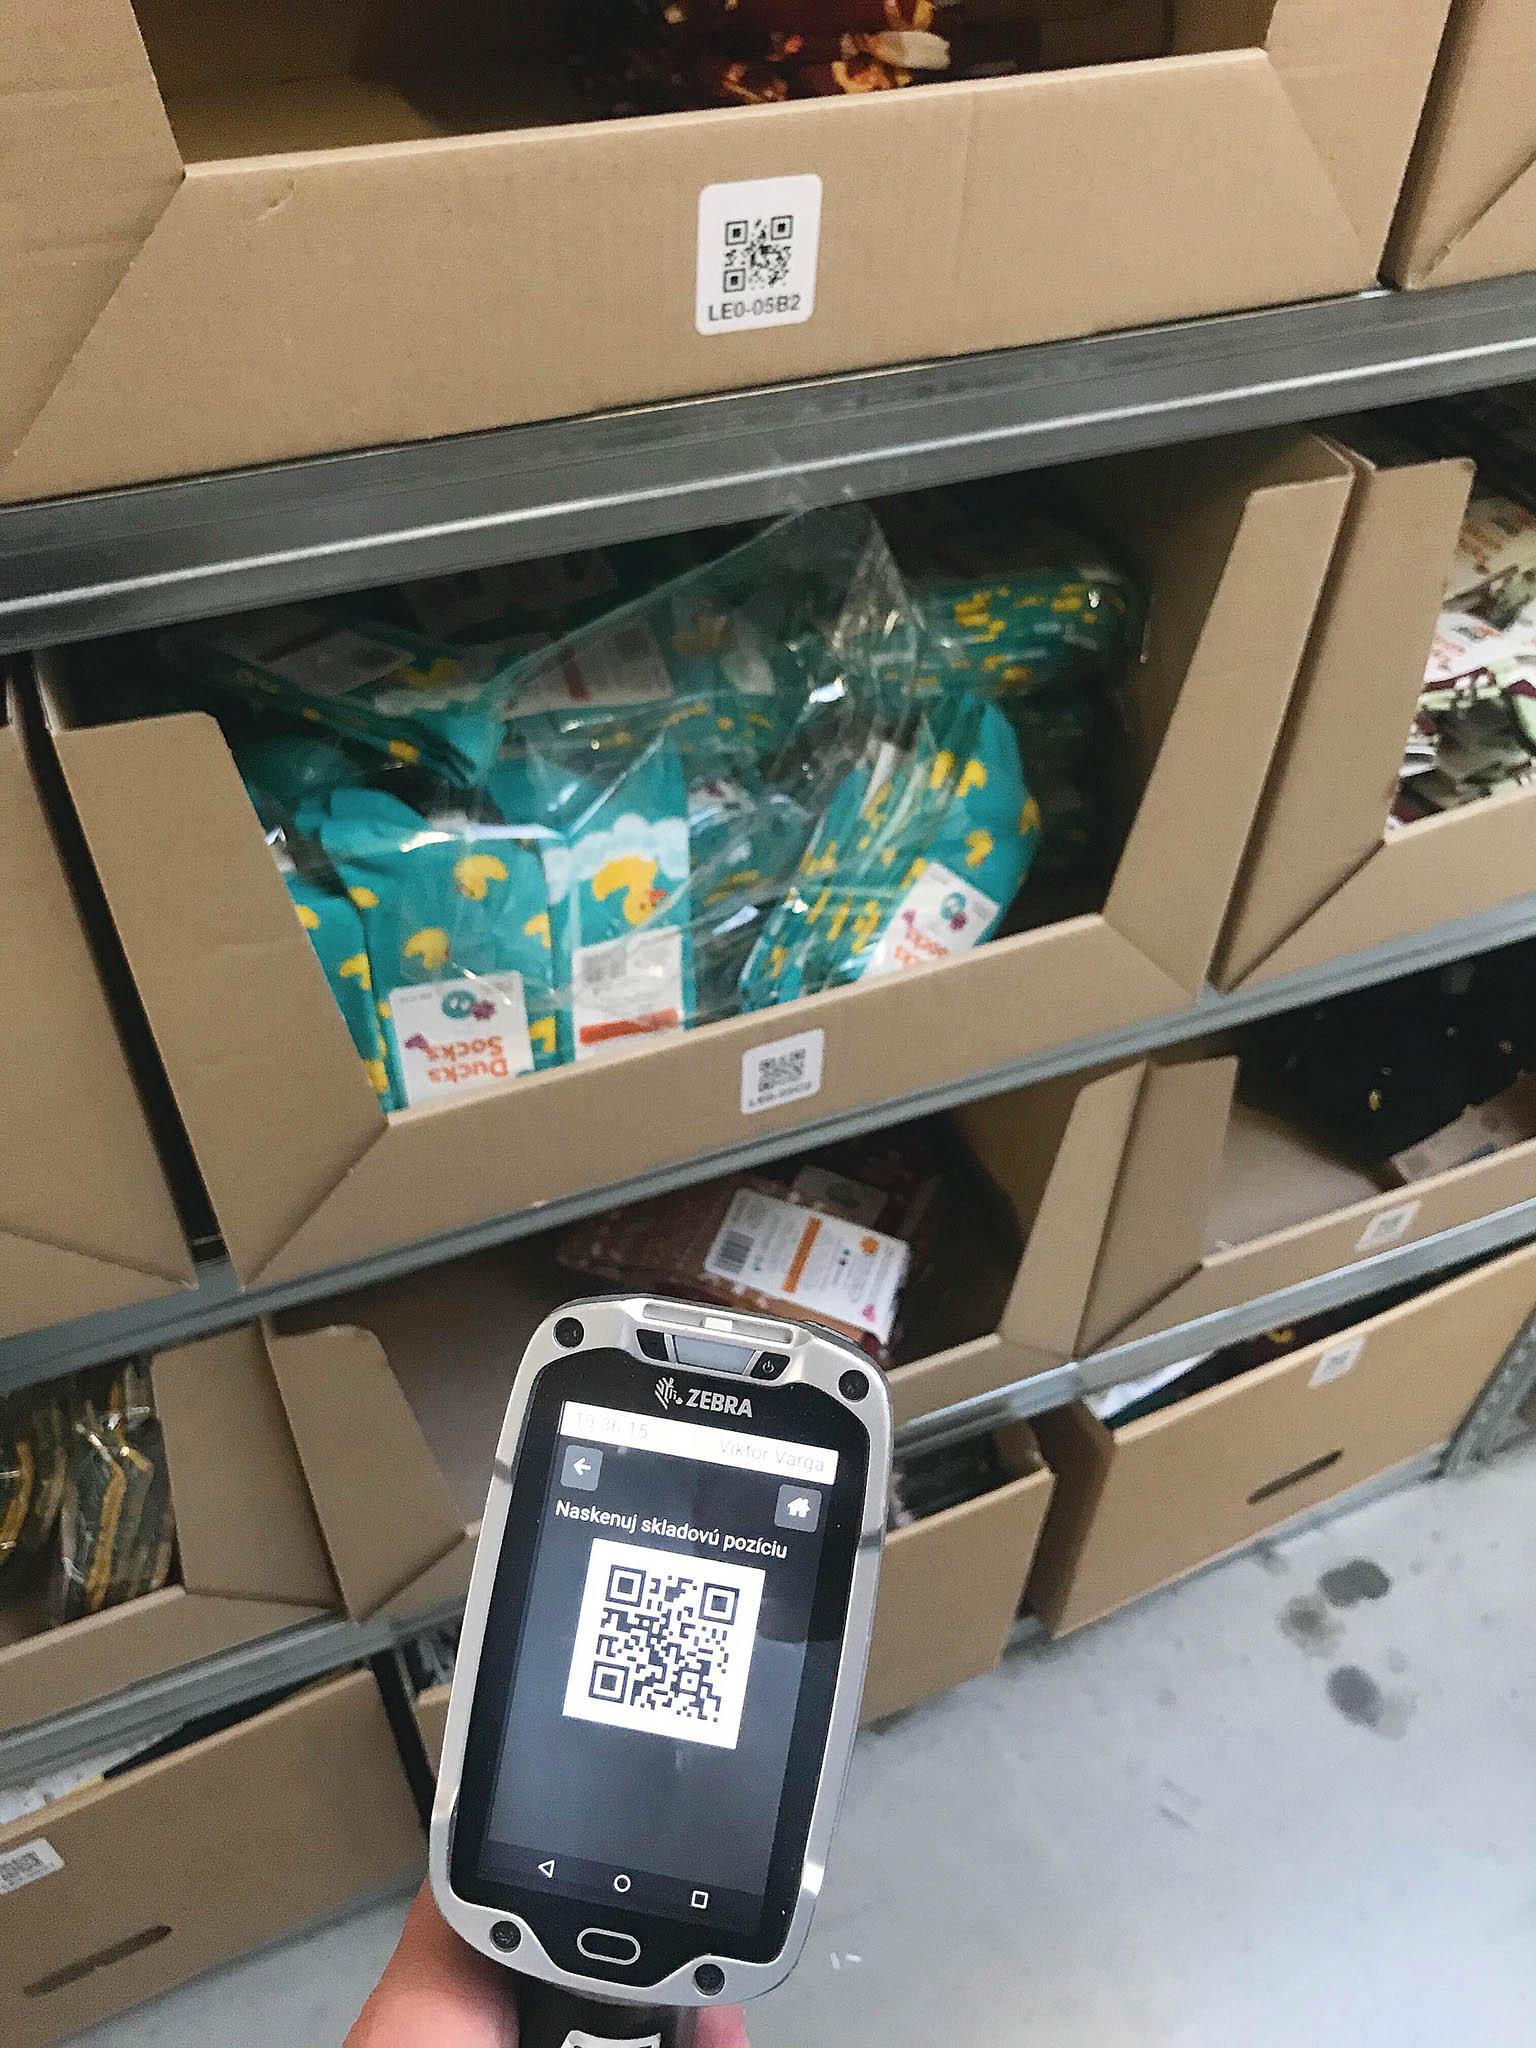 Sklad nyní pokrývá wi-fi připojení, zaměstnanci dostali mobilní terminály ačtečky QR kódů. Nasnímku zařízení značky Zebra.